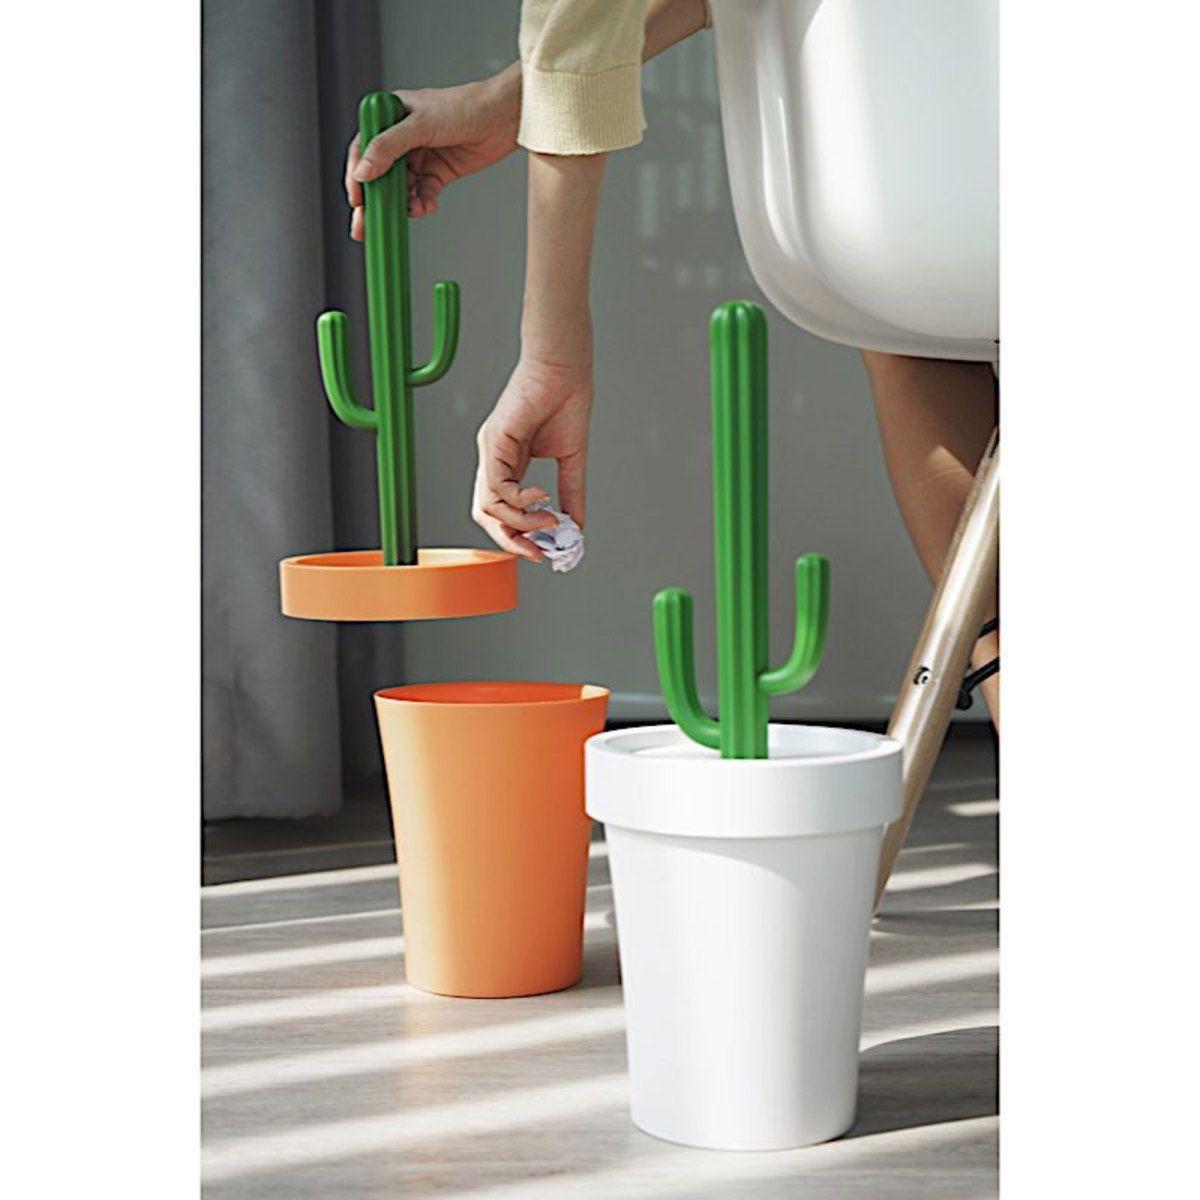 Poubelle Salle De Bain Poubelle Cactus Orange/Vert